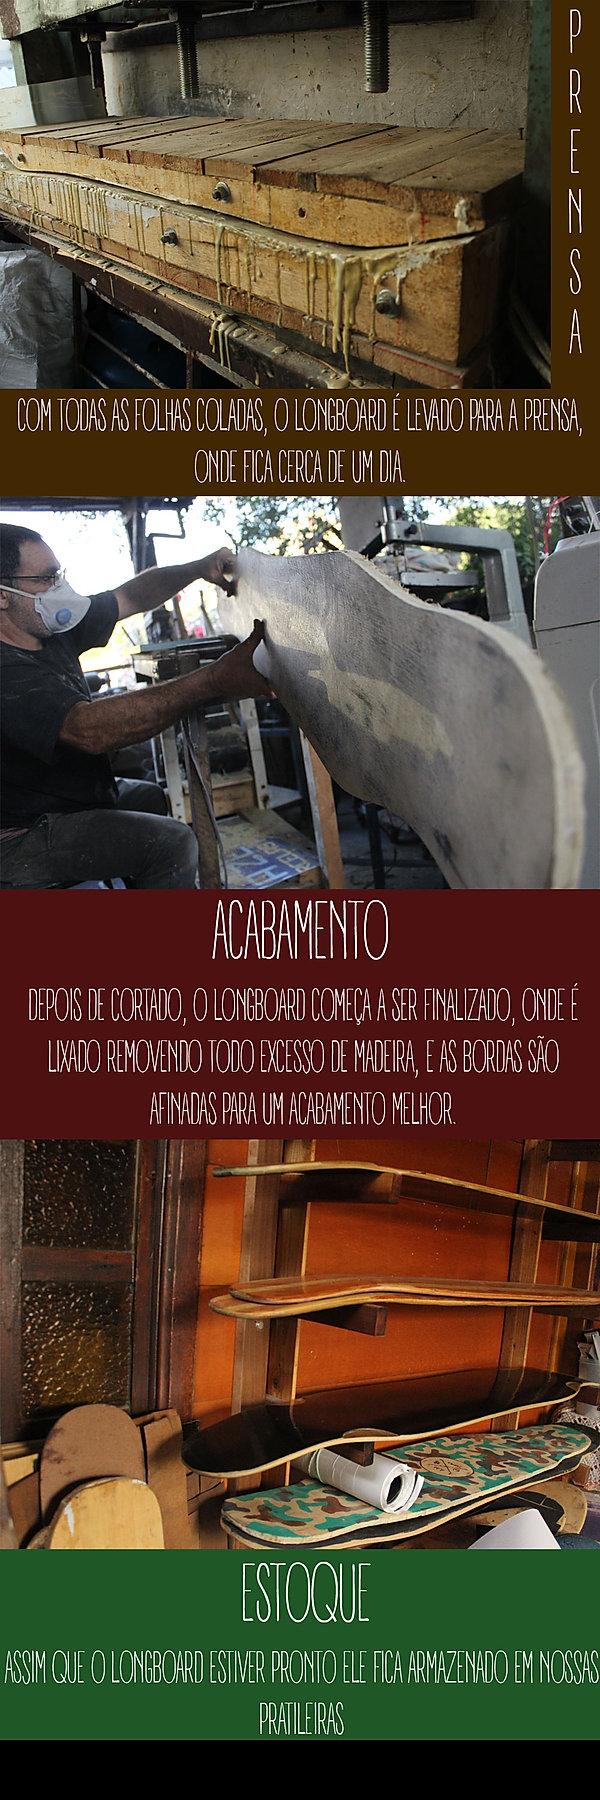 Fabricação de Longboard